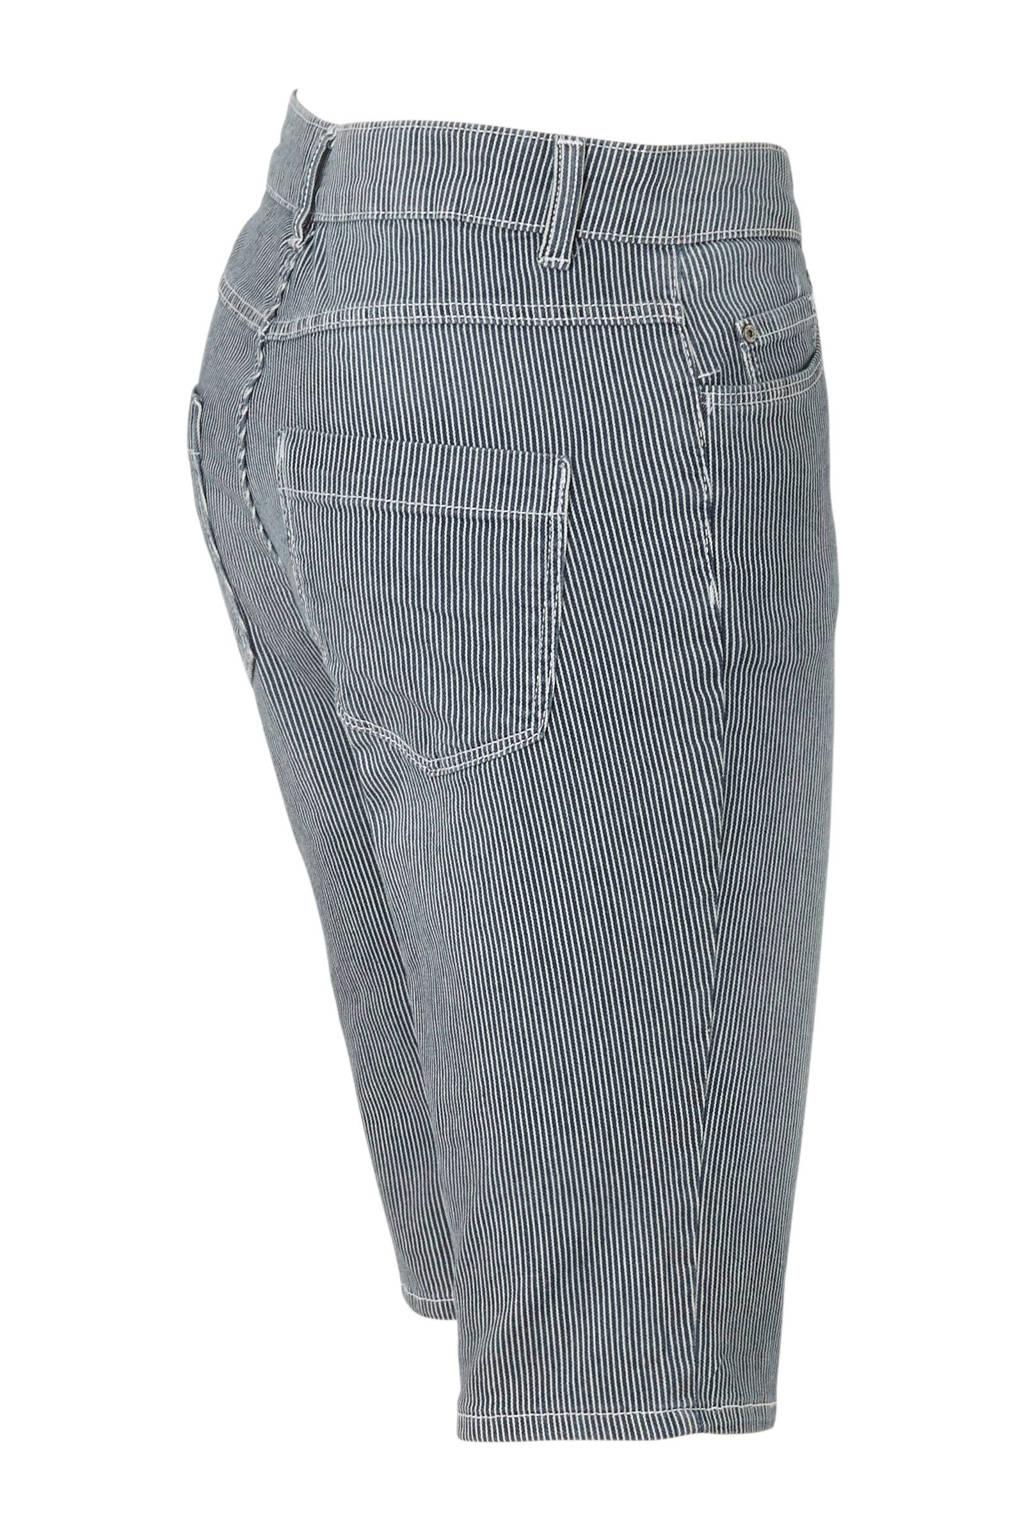 C&A The Denim gestreepte jeans short dark denim/wit, Dark denim/wit